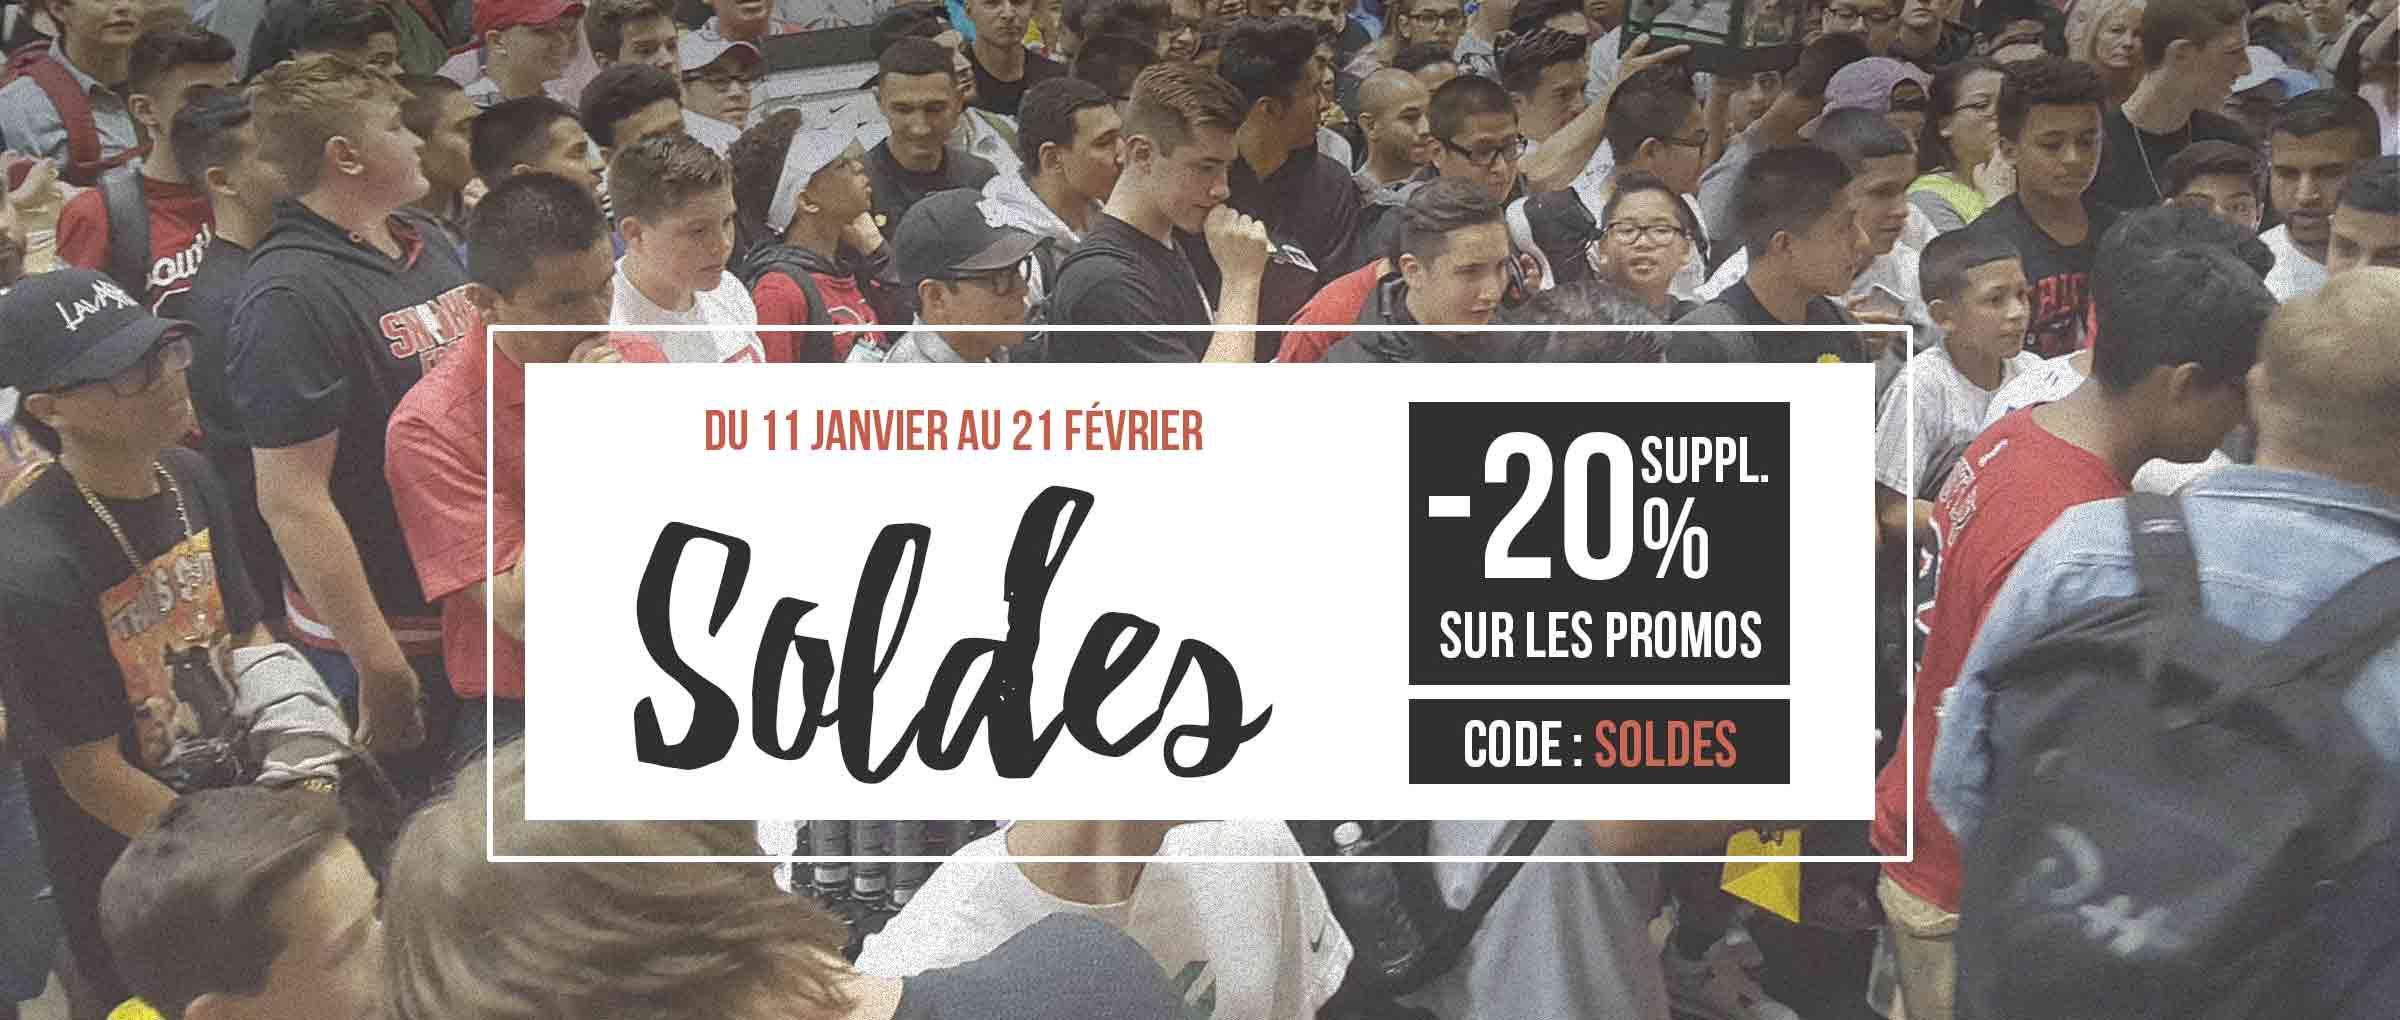 Basket4Ballers - soldes